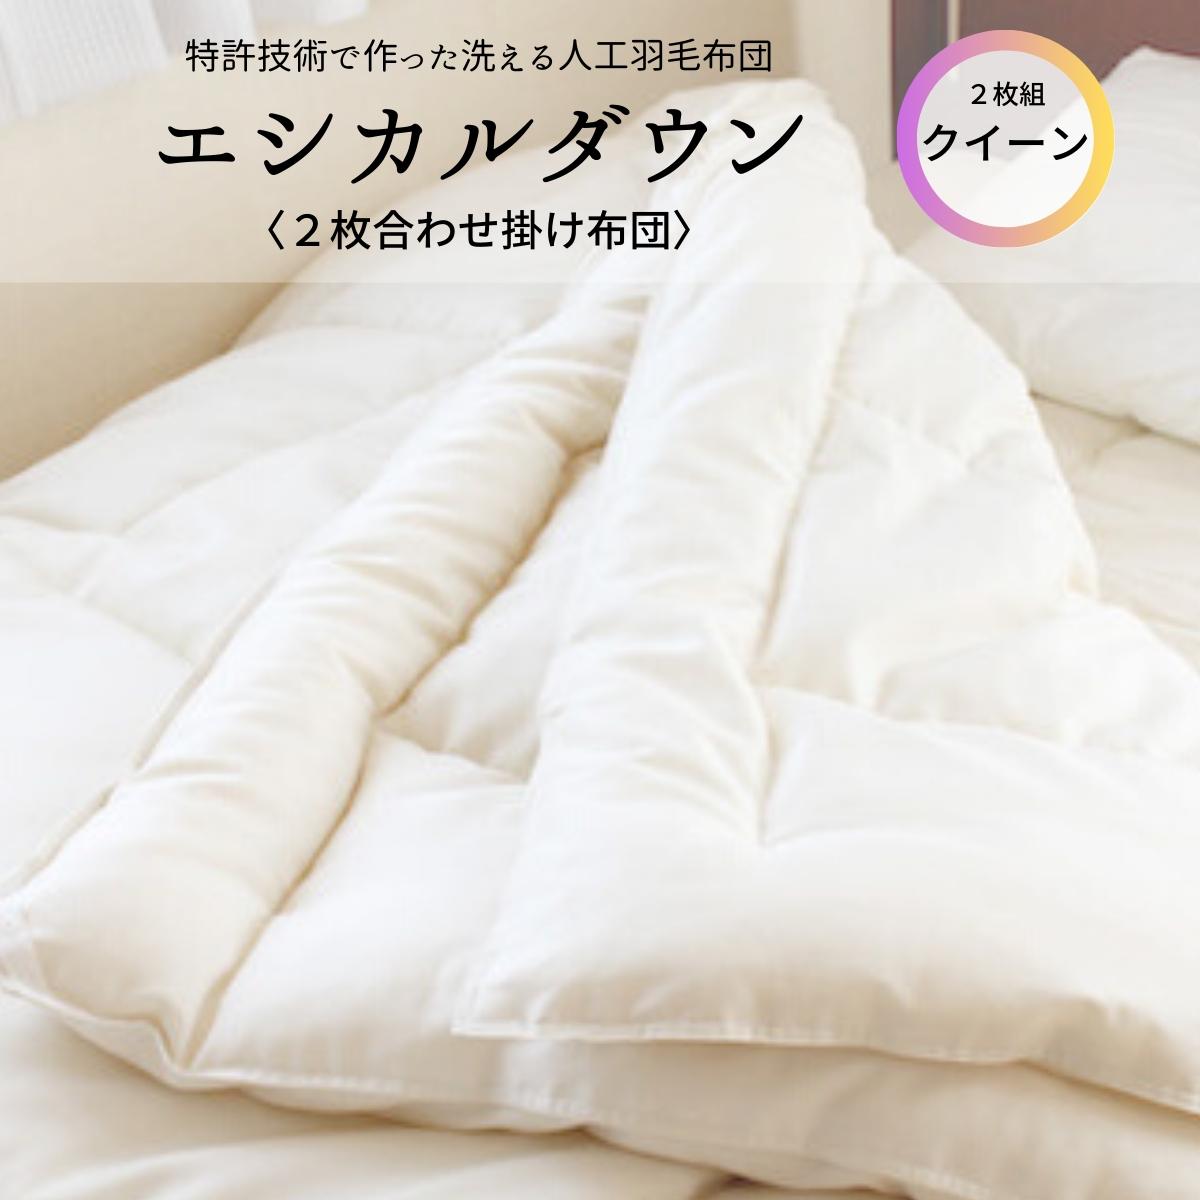 【ふるさと納税】「エシカルダウン」洗える人工羽毛布団・2枚合わせ掛け布団〈クイーン〉